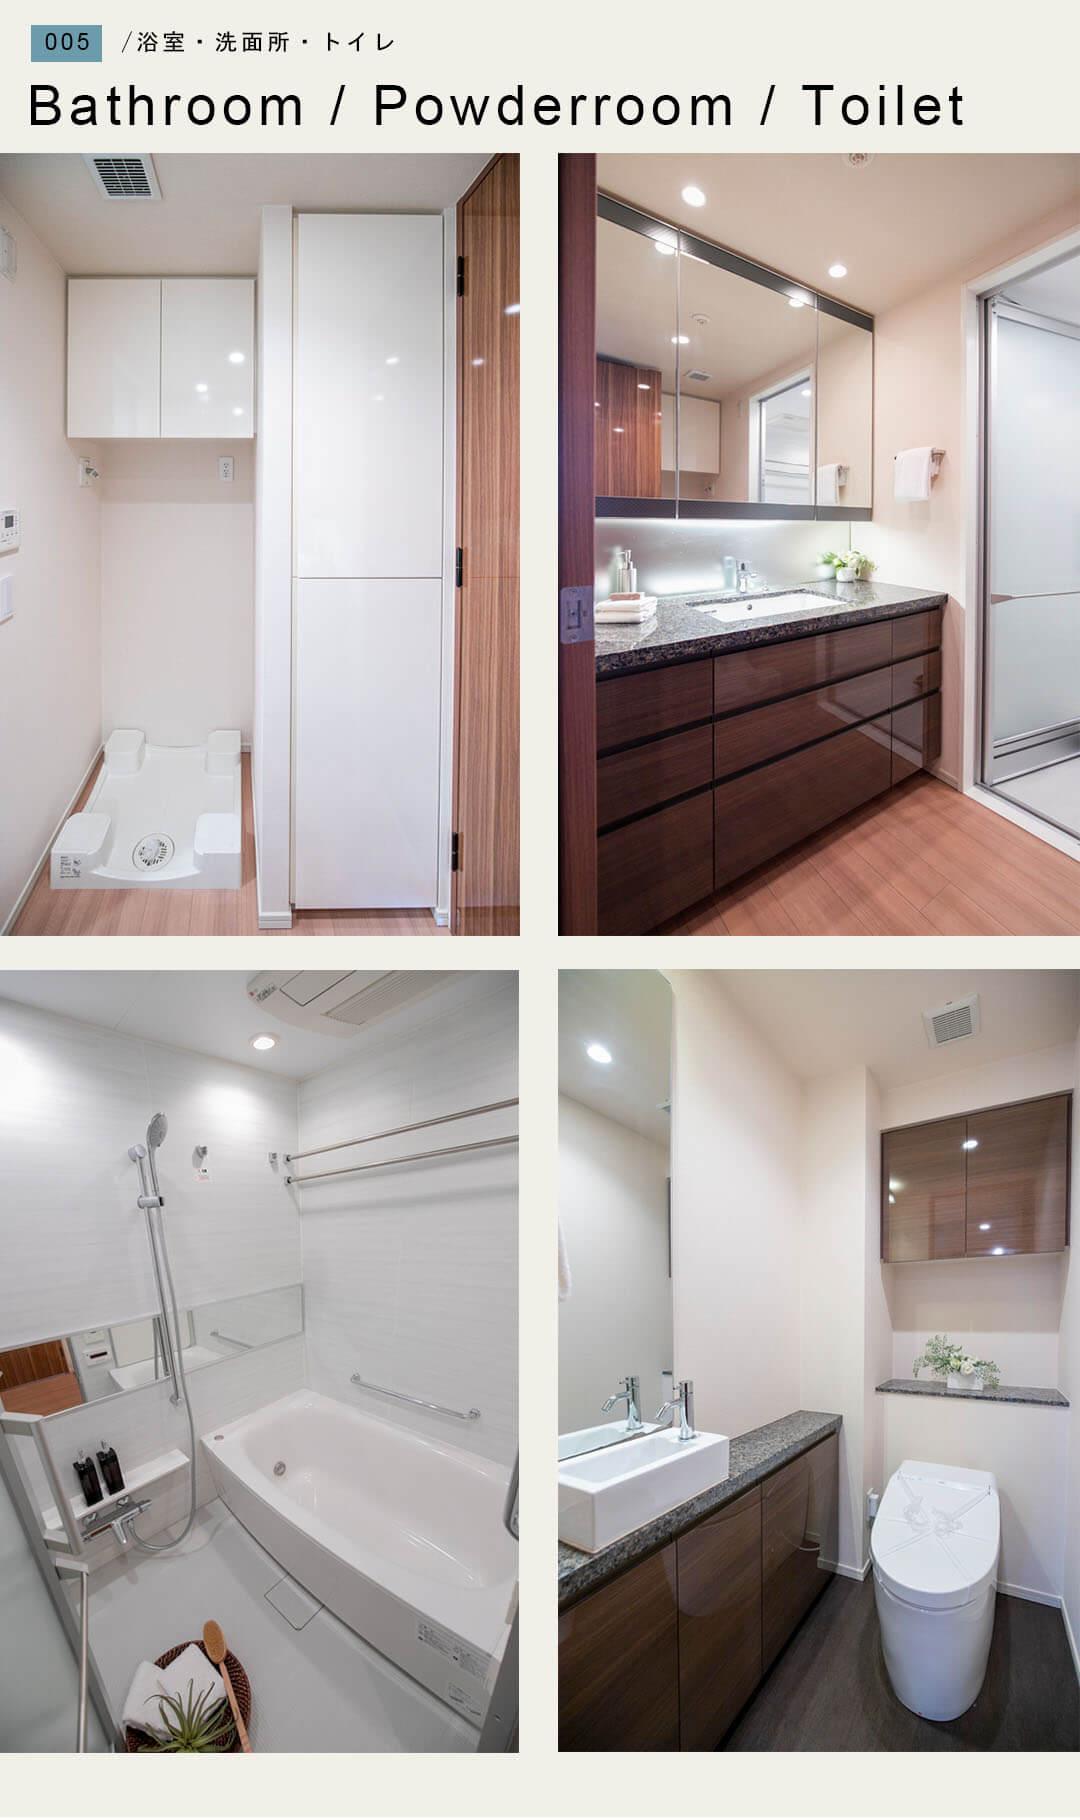 パークハウス桜新町テラスウェストのリビングダイニングの浴室と洗面室とトイレ